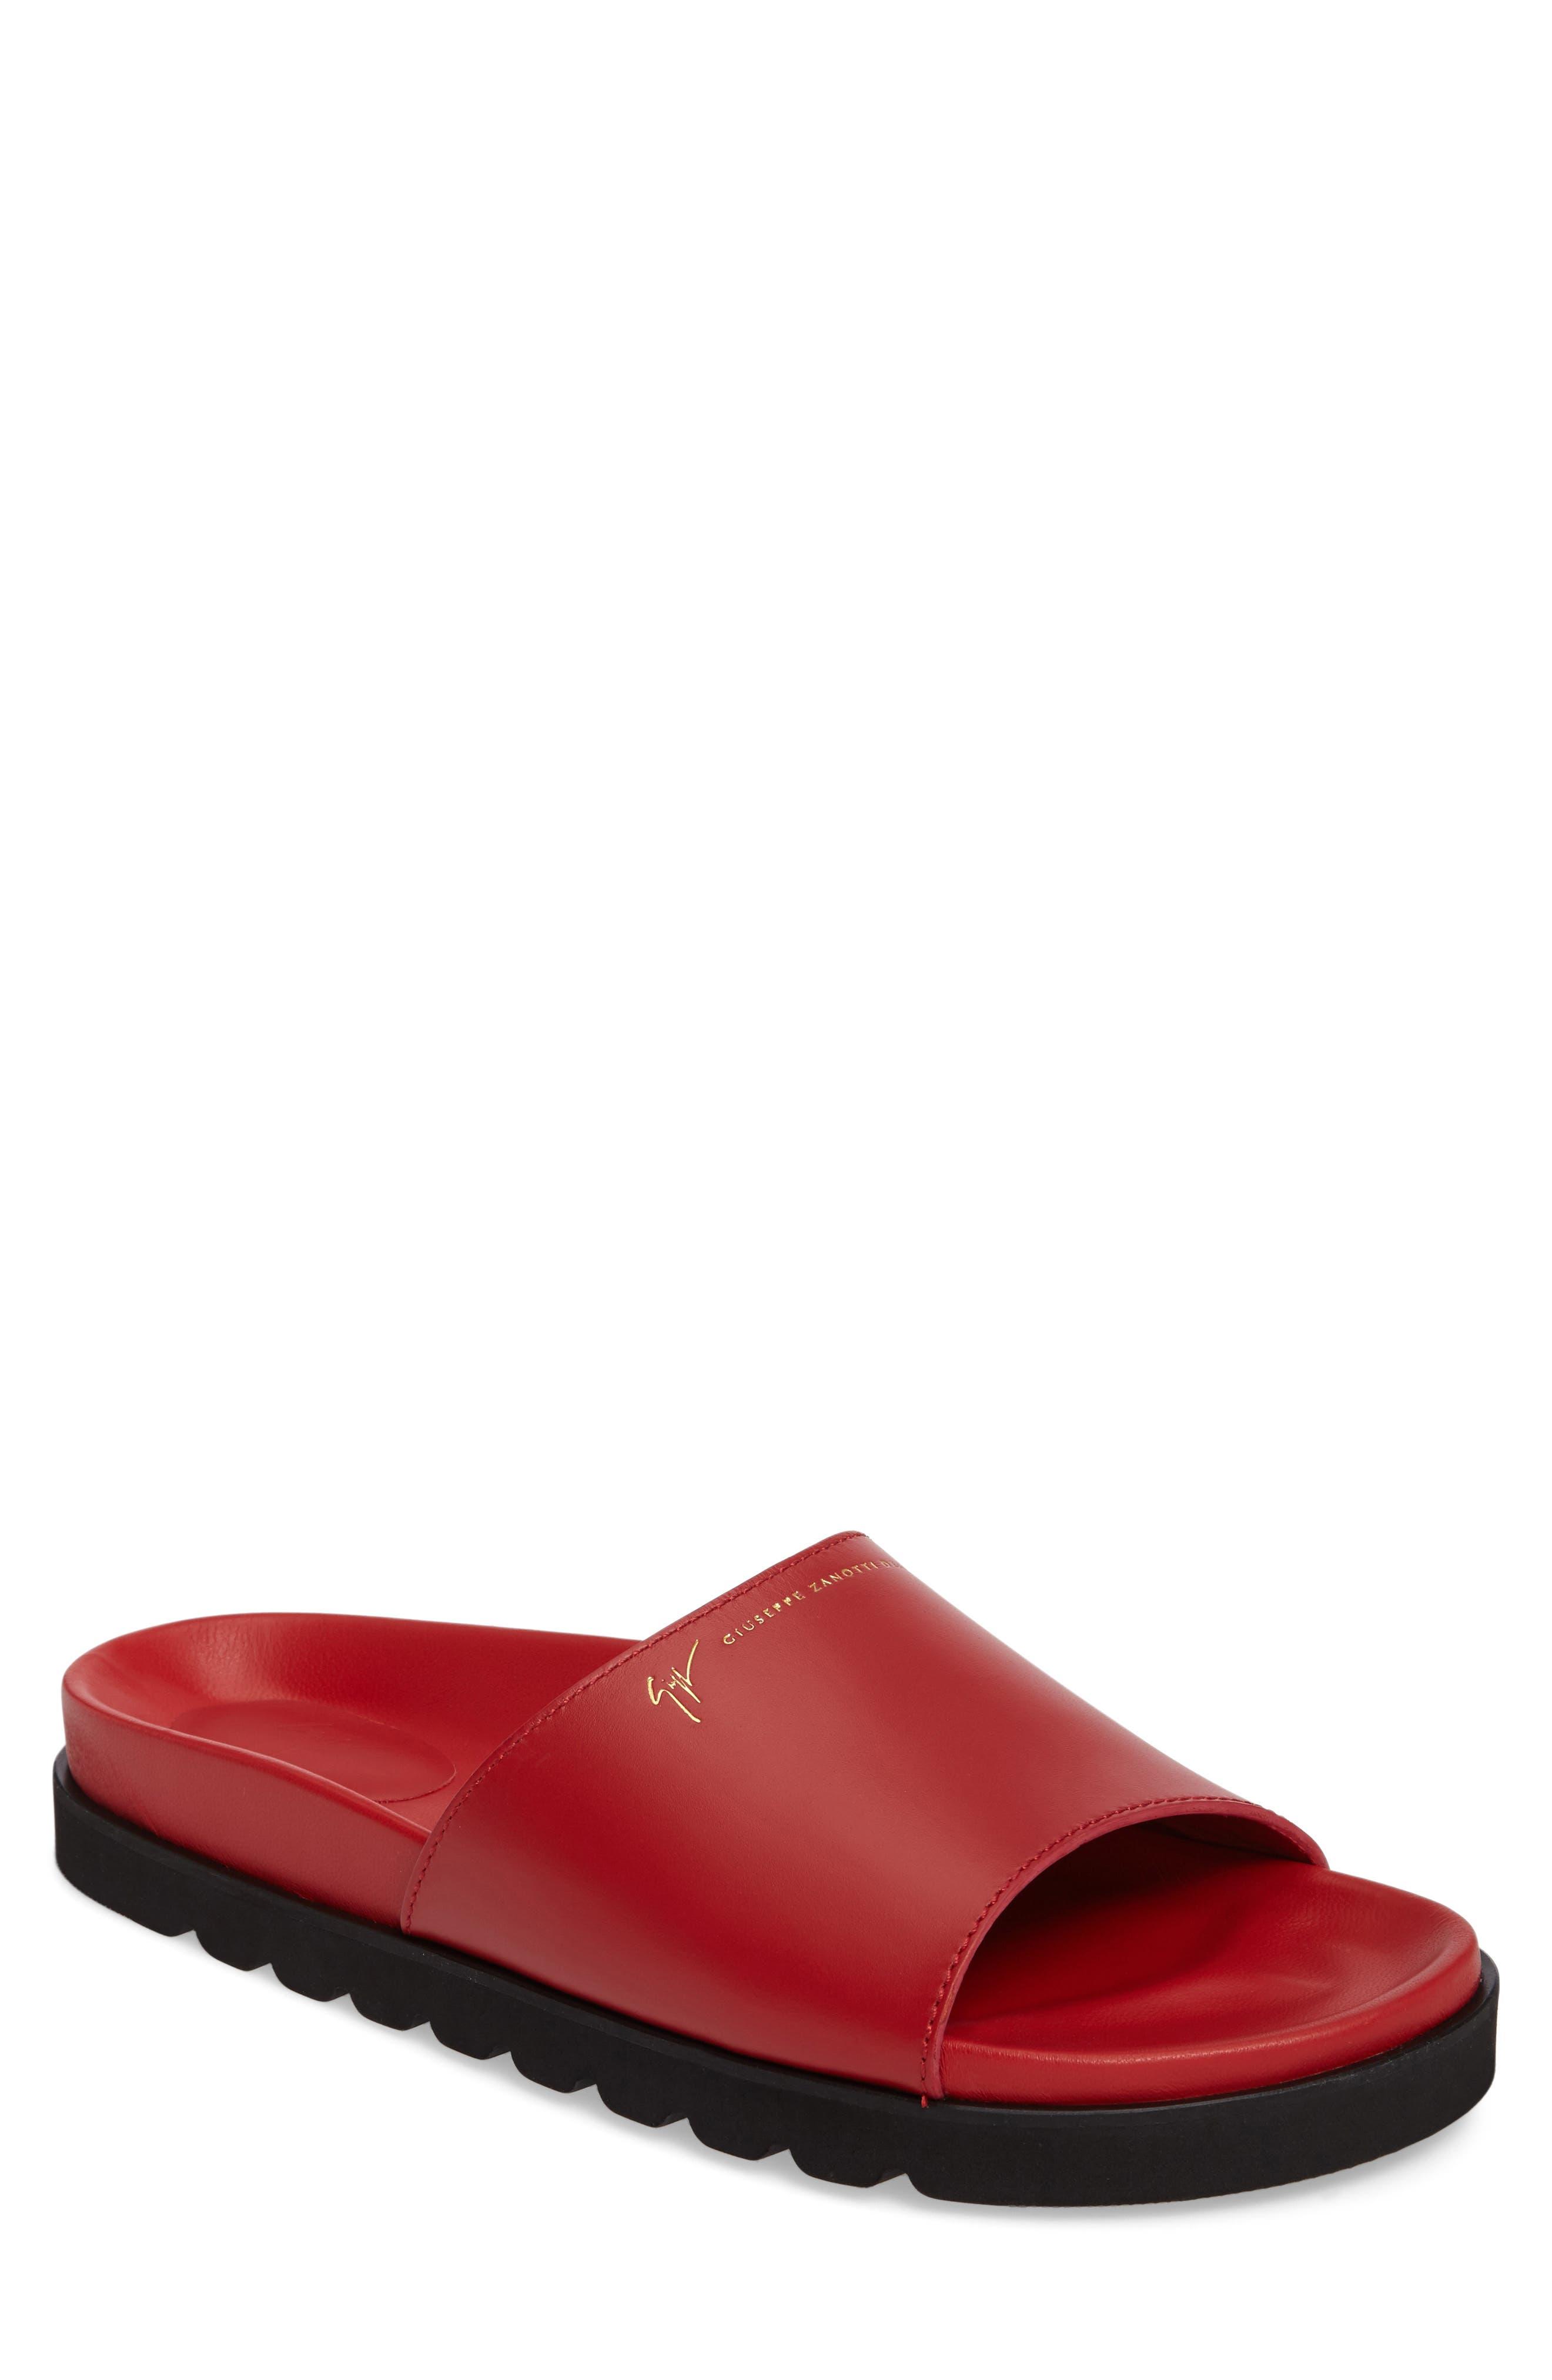 GIUSEPPE ZANOTTI Slide Sandal